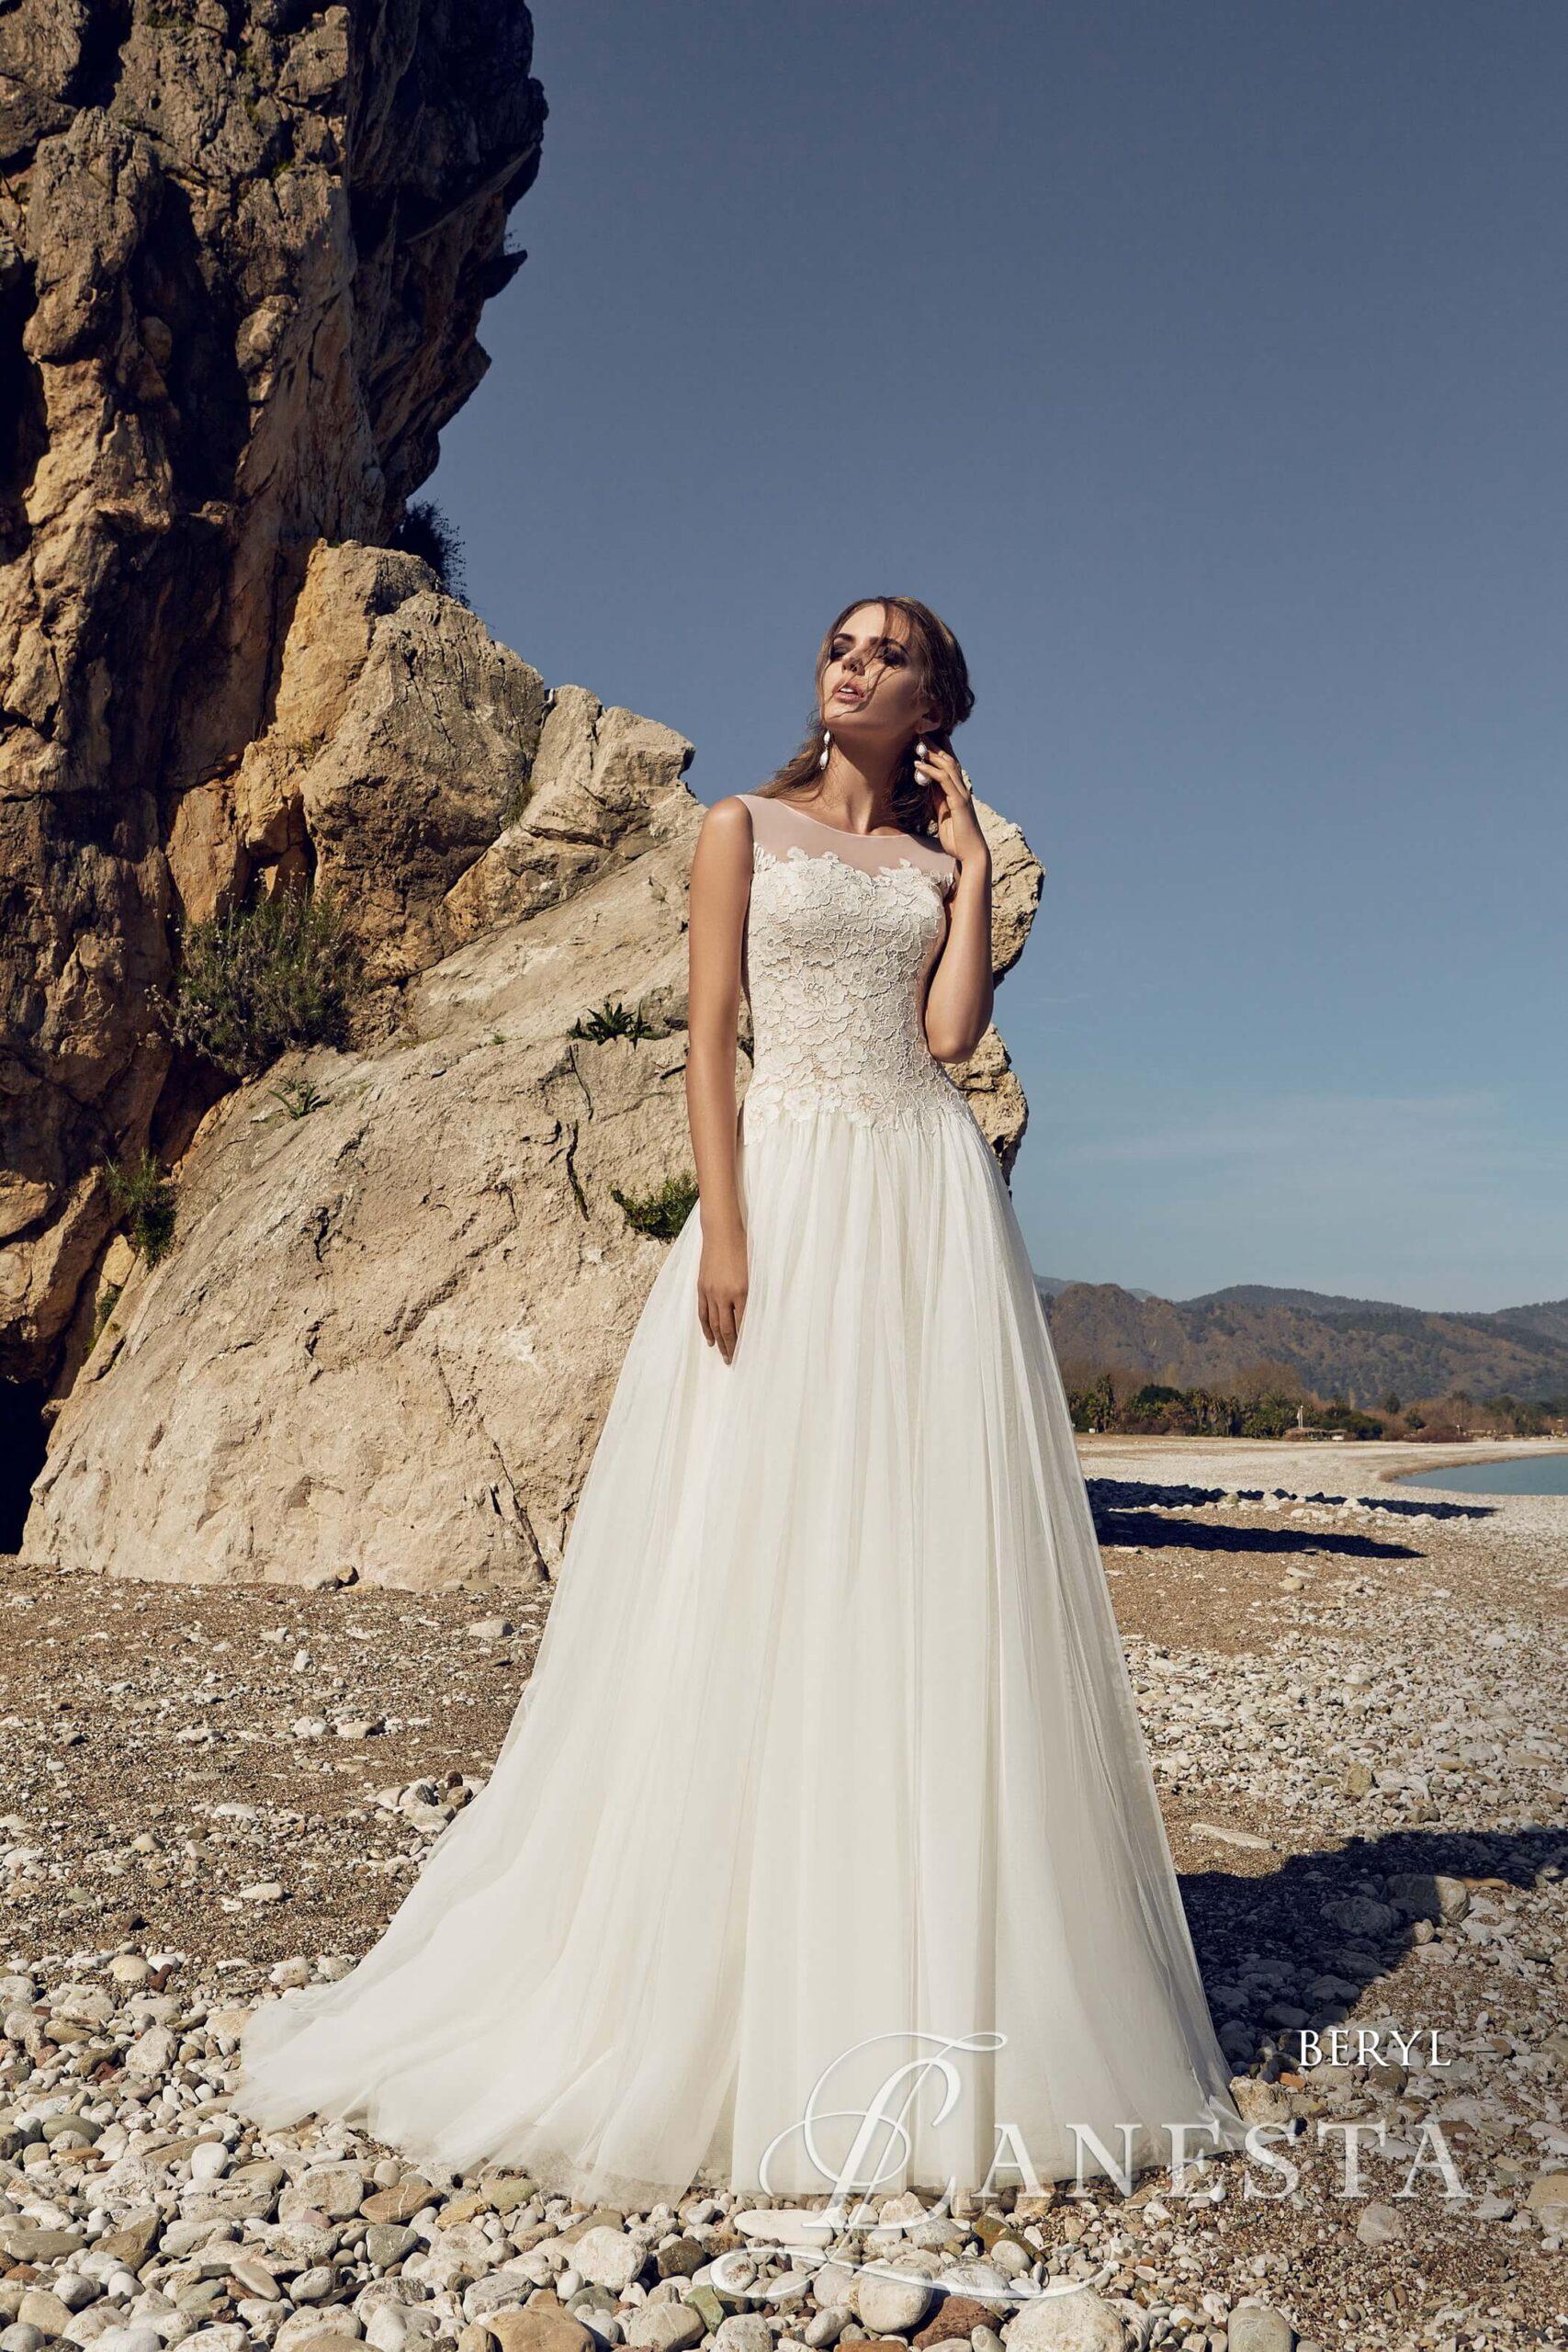 Весільна сукня Beryl Lanesta